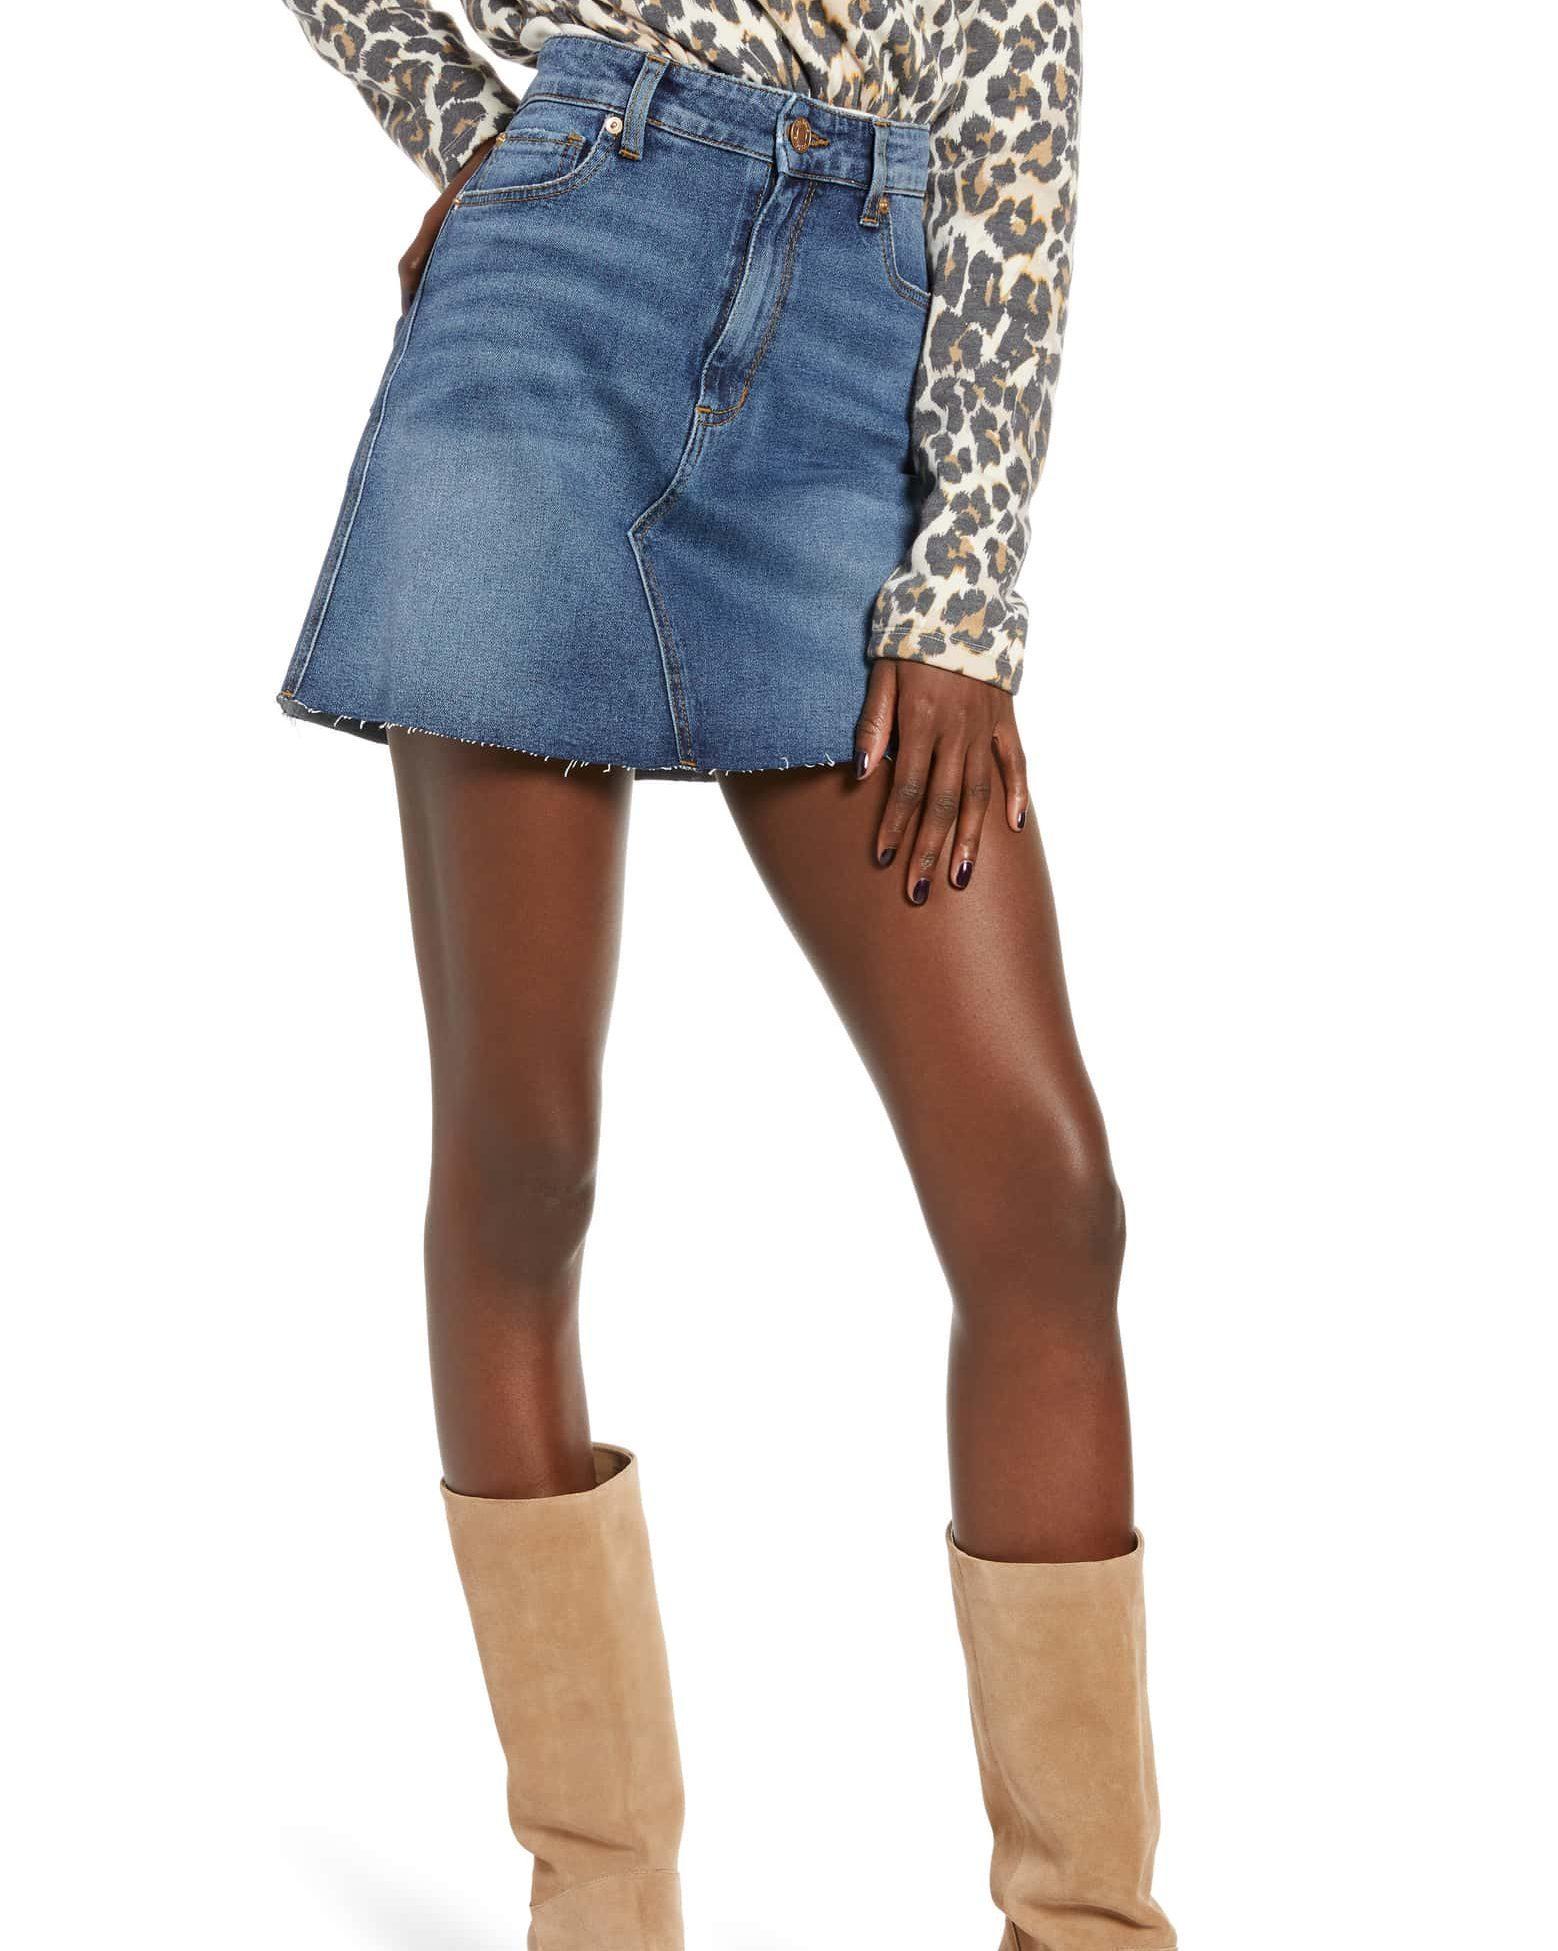 STS Emily Blue Denim Miniskirt